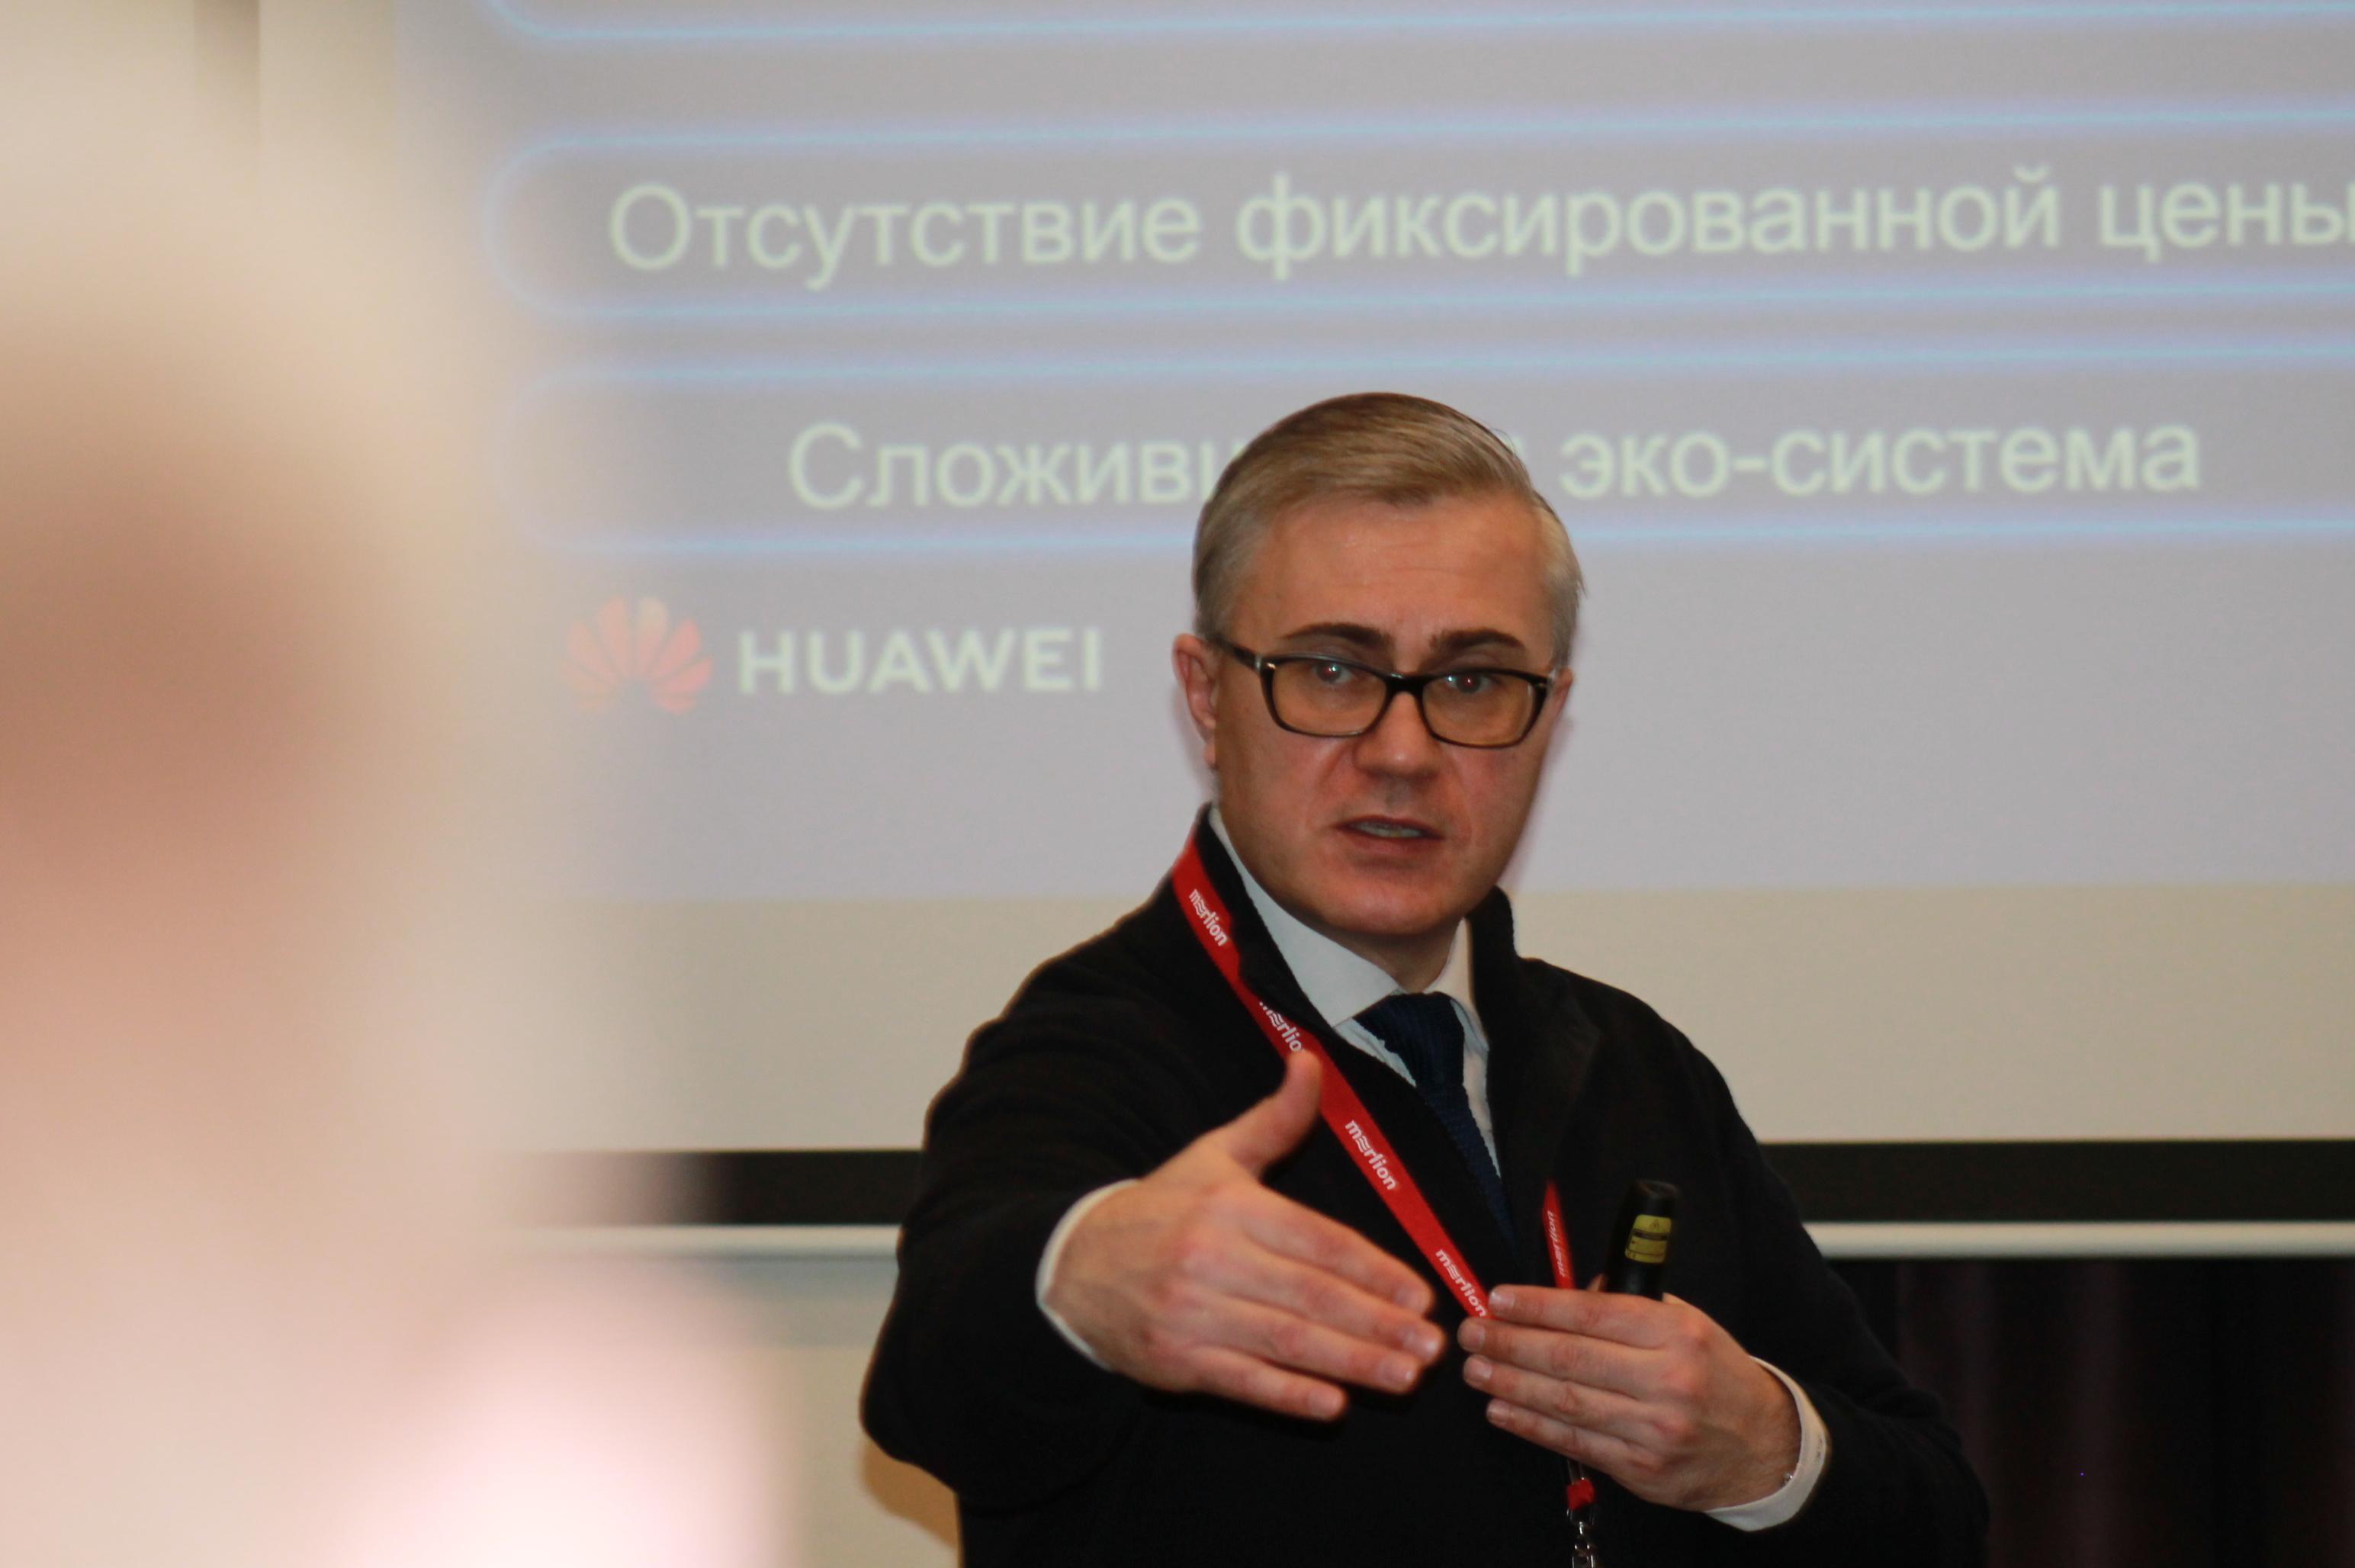 Мероприятие Huawei и Merlion 11/03/2021г для партнеров в Нижегородской области